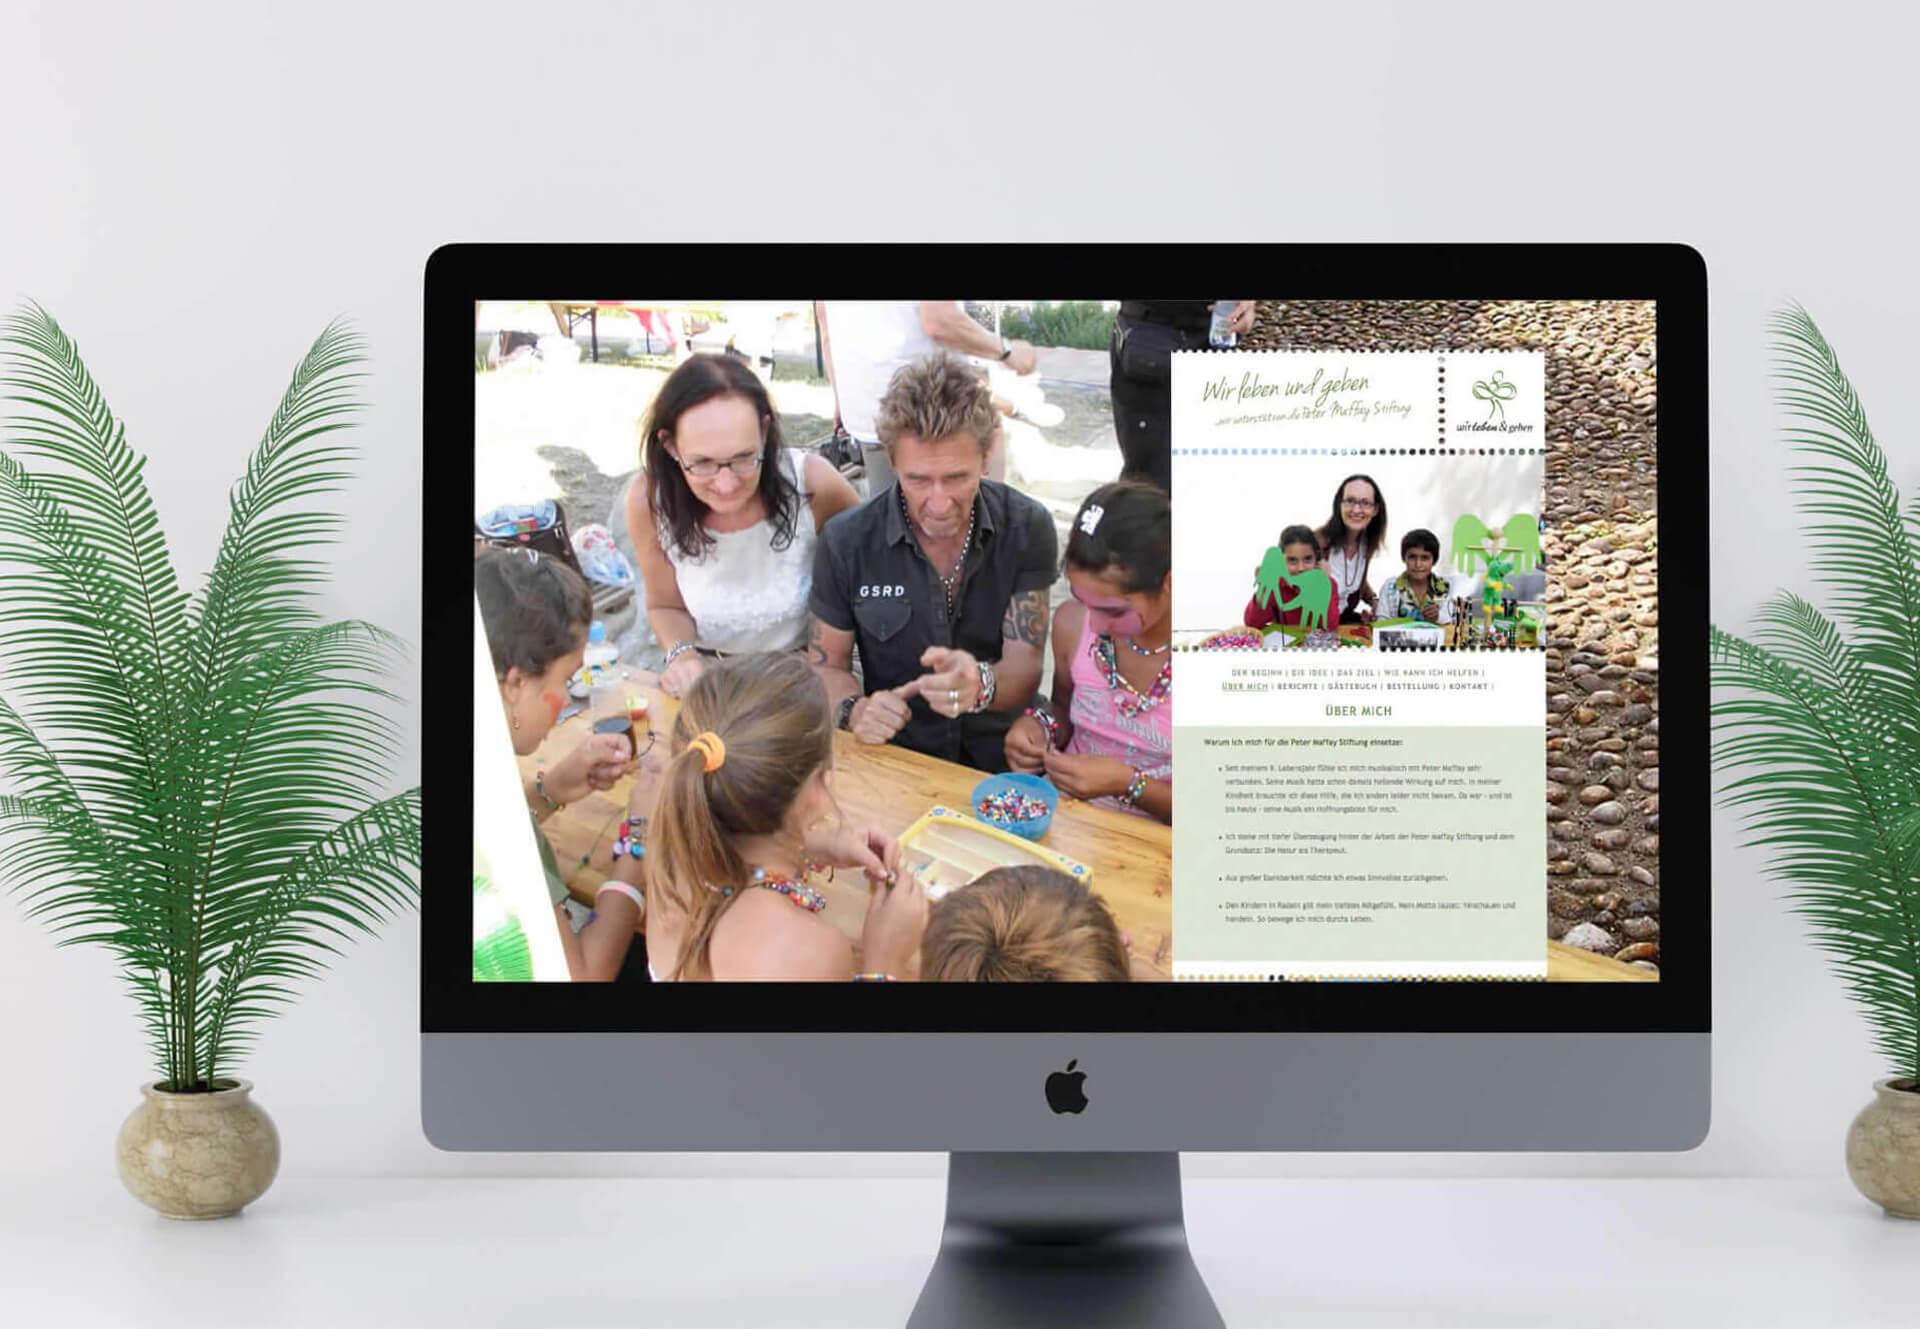 Wir leben und geben Website